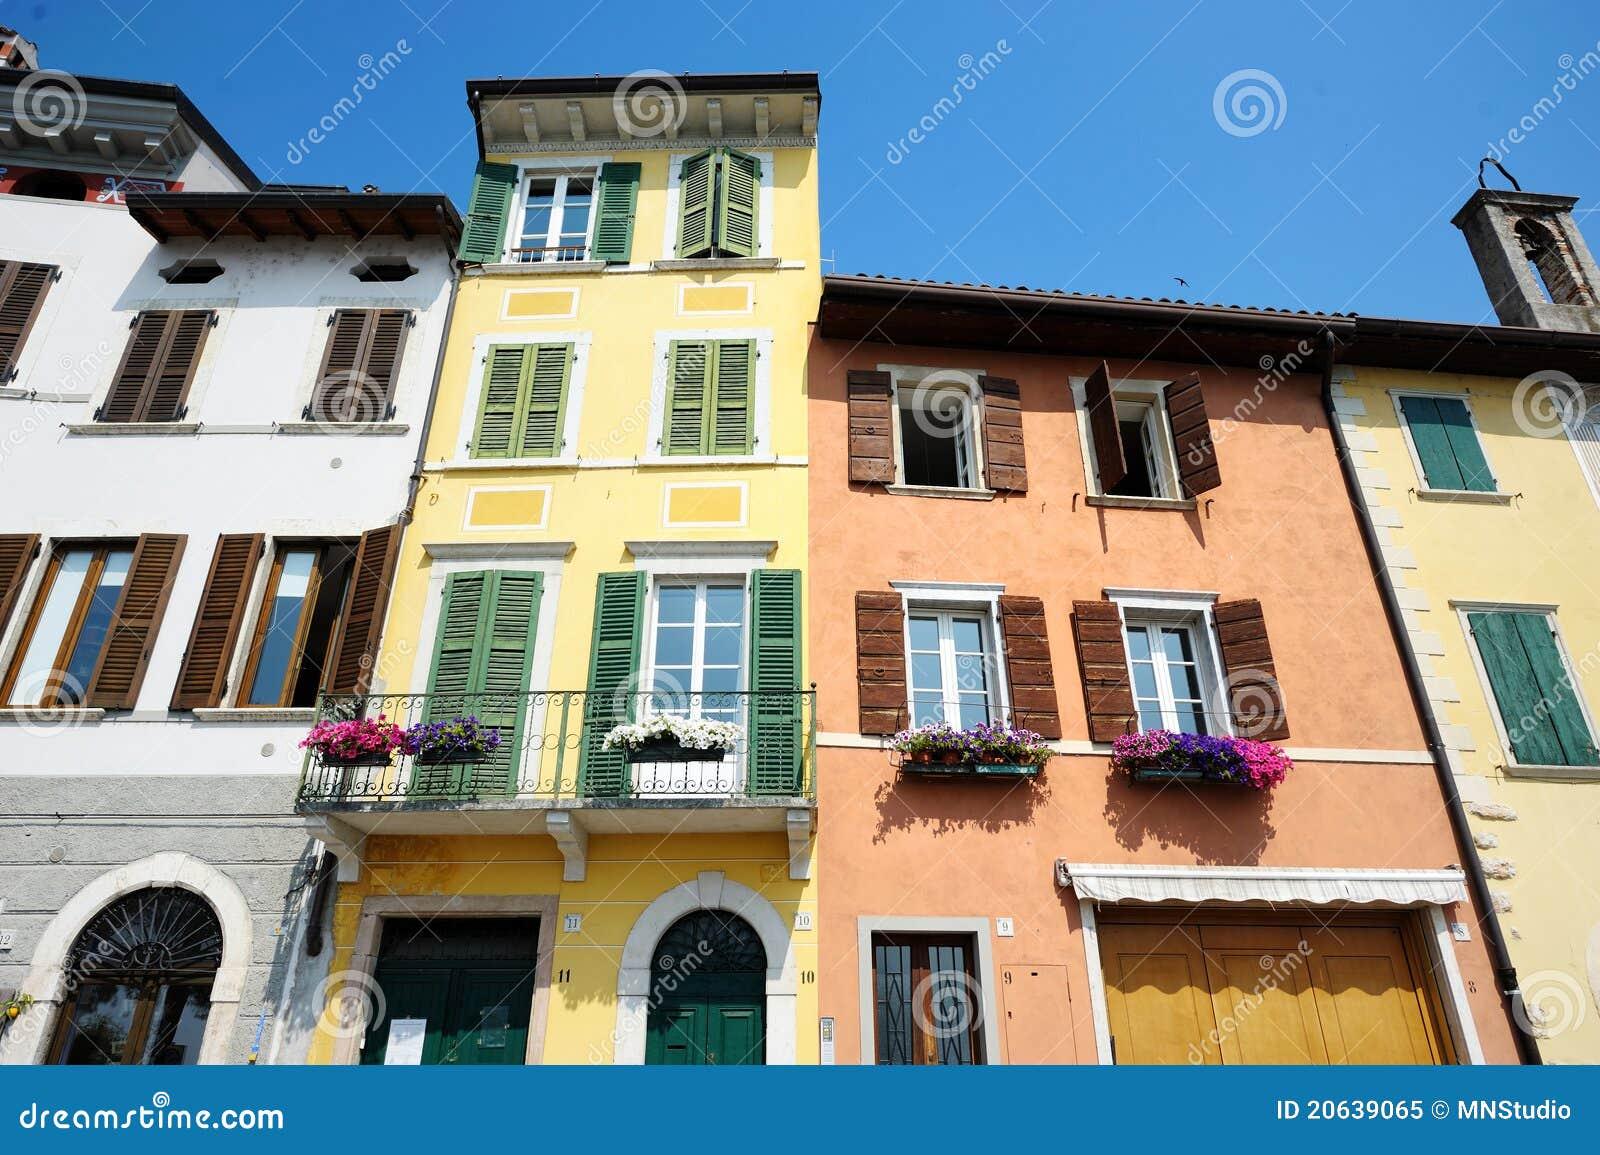 Huizen In Italie : Kleurrijke huizen in italië stock afbeelding afbeelding